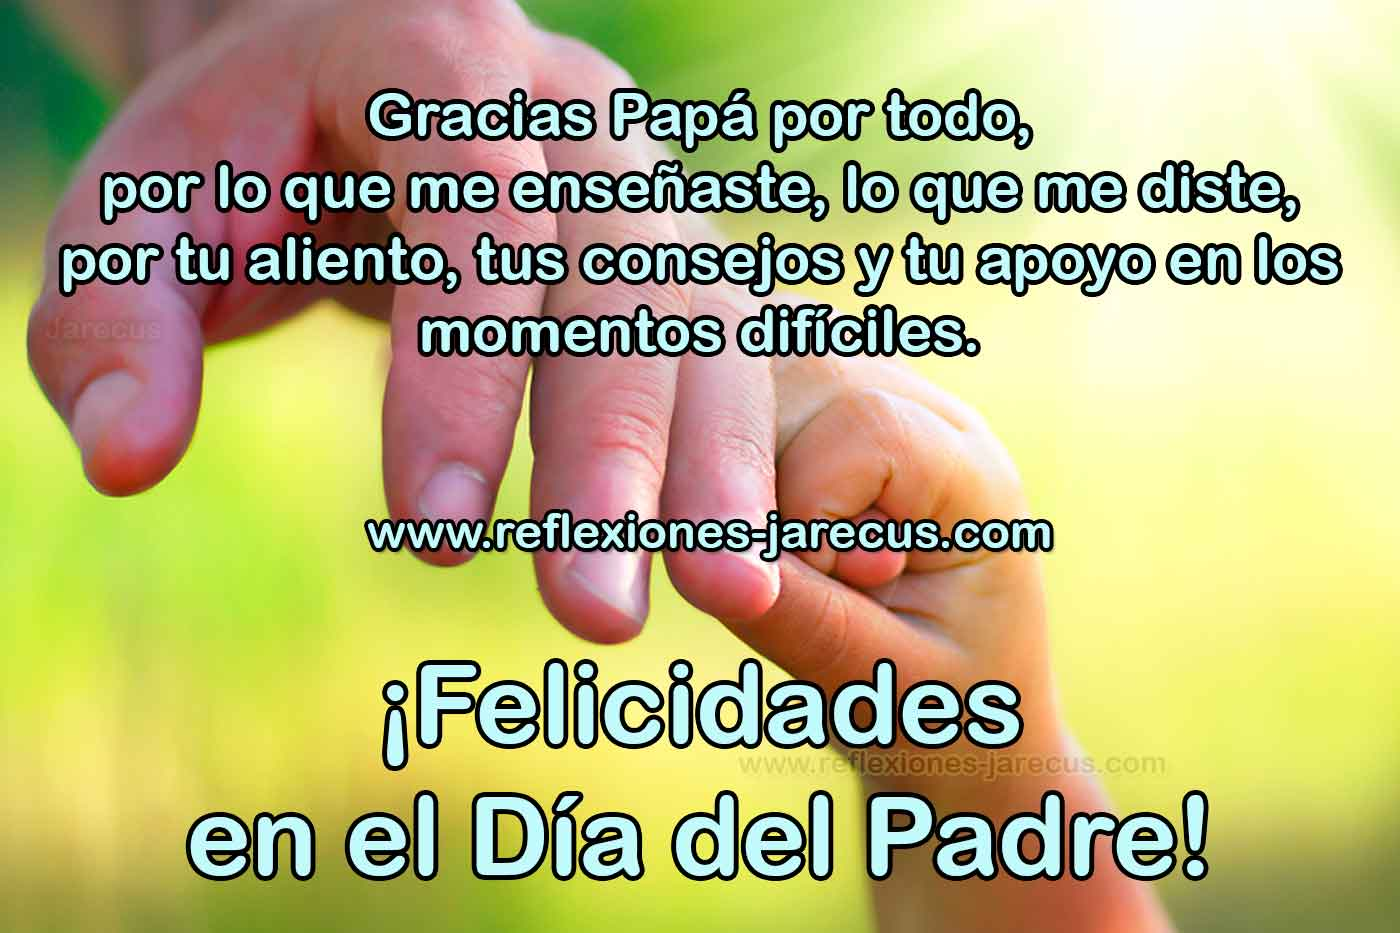 Imágenes día del padre, Imágenes para el día del padre, Feliz día del padre, Frases día del padre,